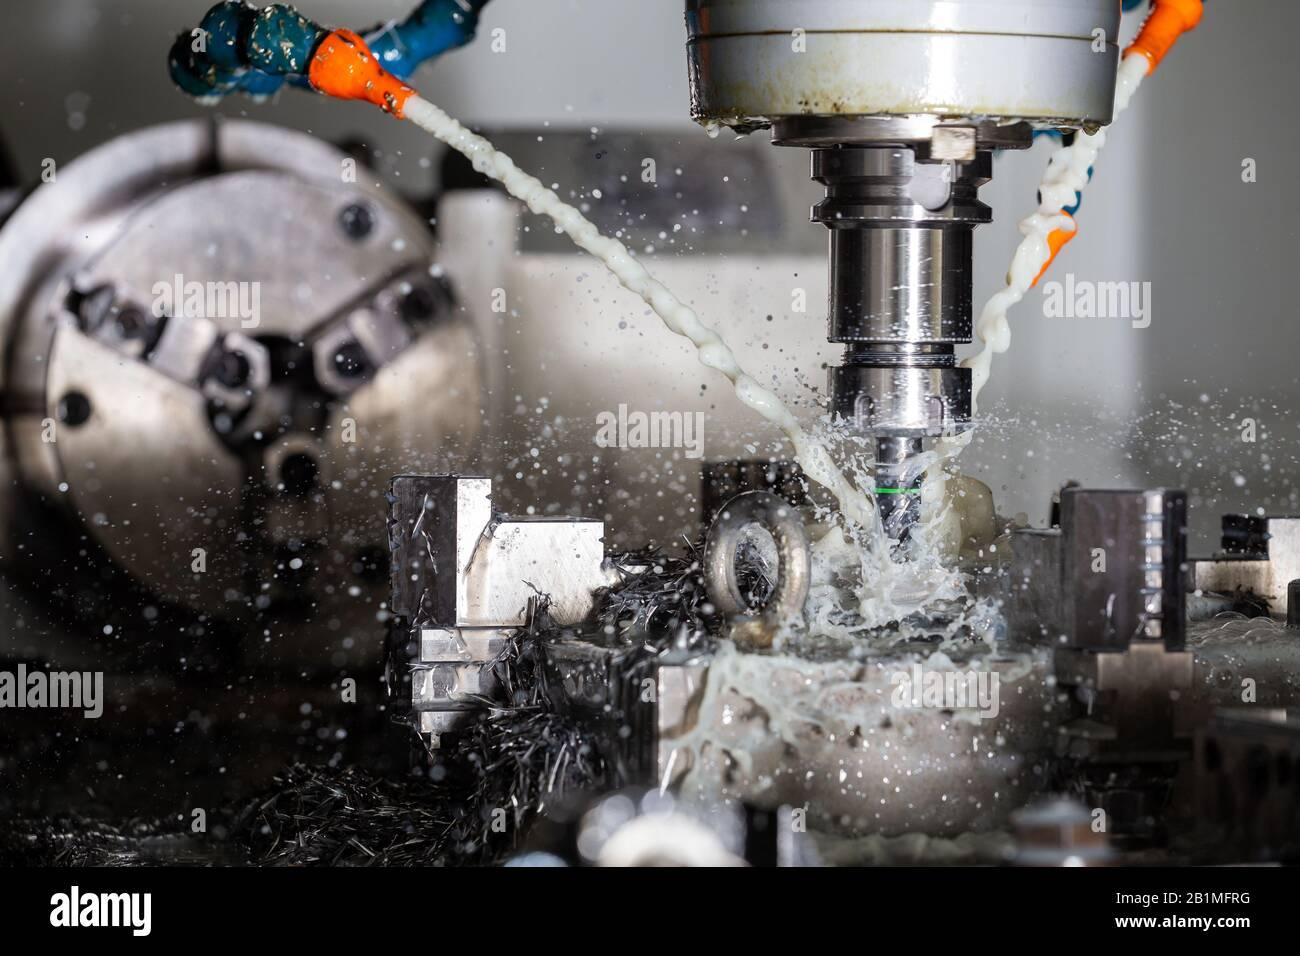 Un proceso de fresado vertical de acero cnc con corrientes de agua refrigerante externas, salpicaduras y muchas virutas de metal. Velocidad de obturación rápida para congelar el movimiento Foto de stock